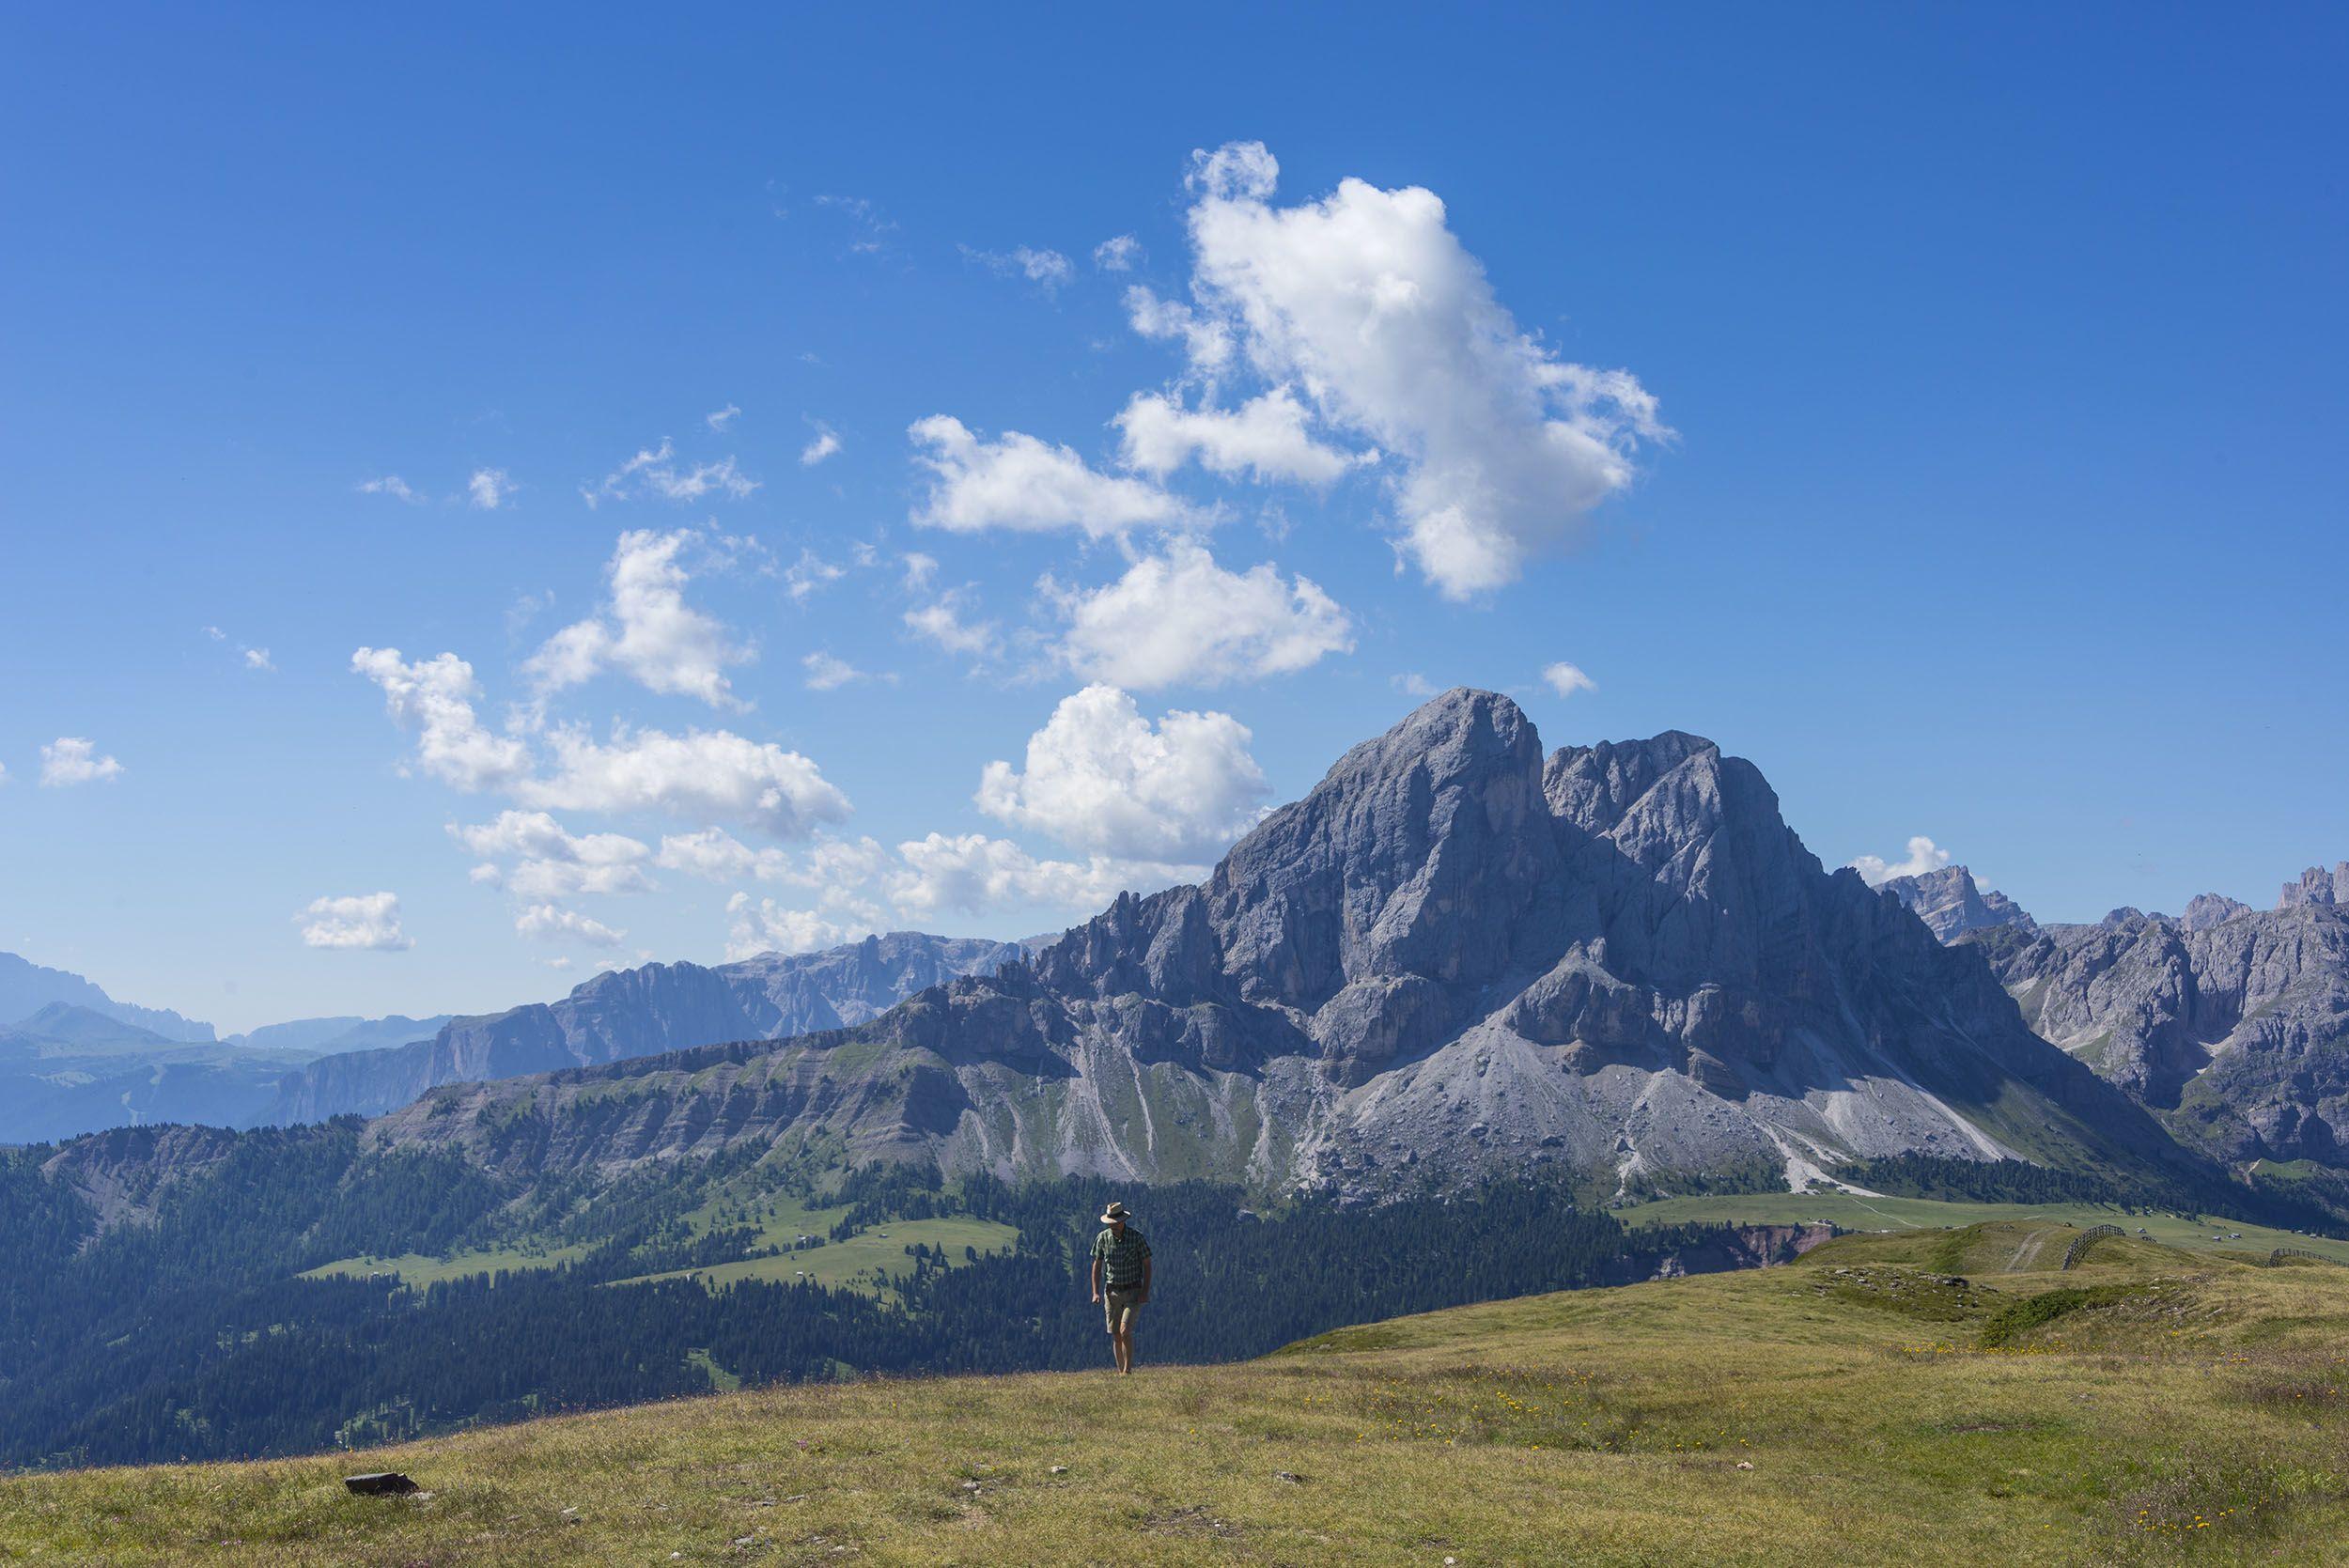 Wanderung auf die Mauerberg Spitze © Udo Bernhart